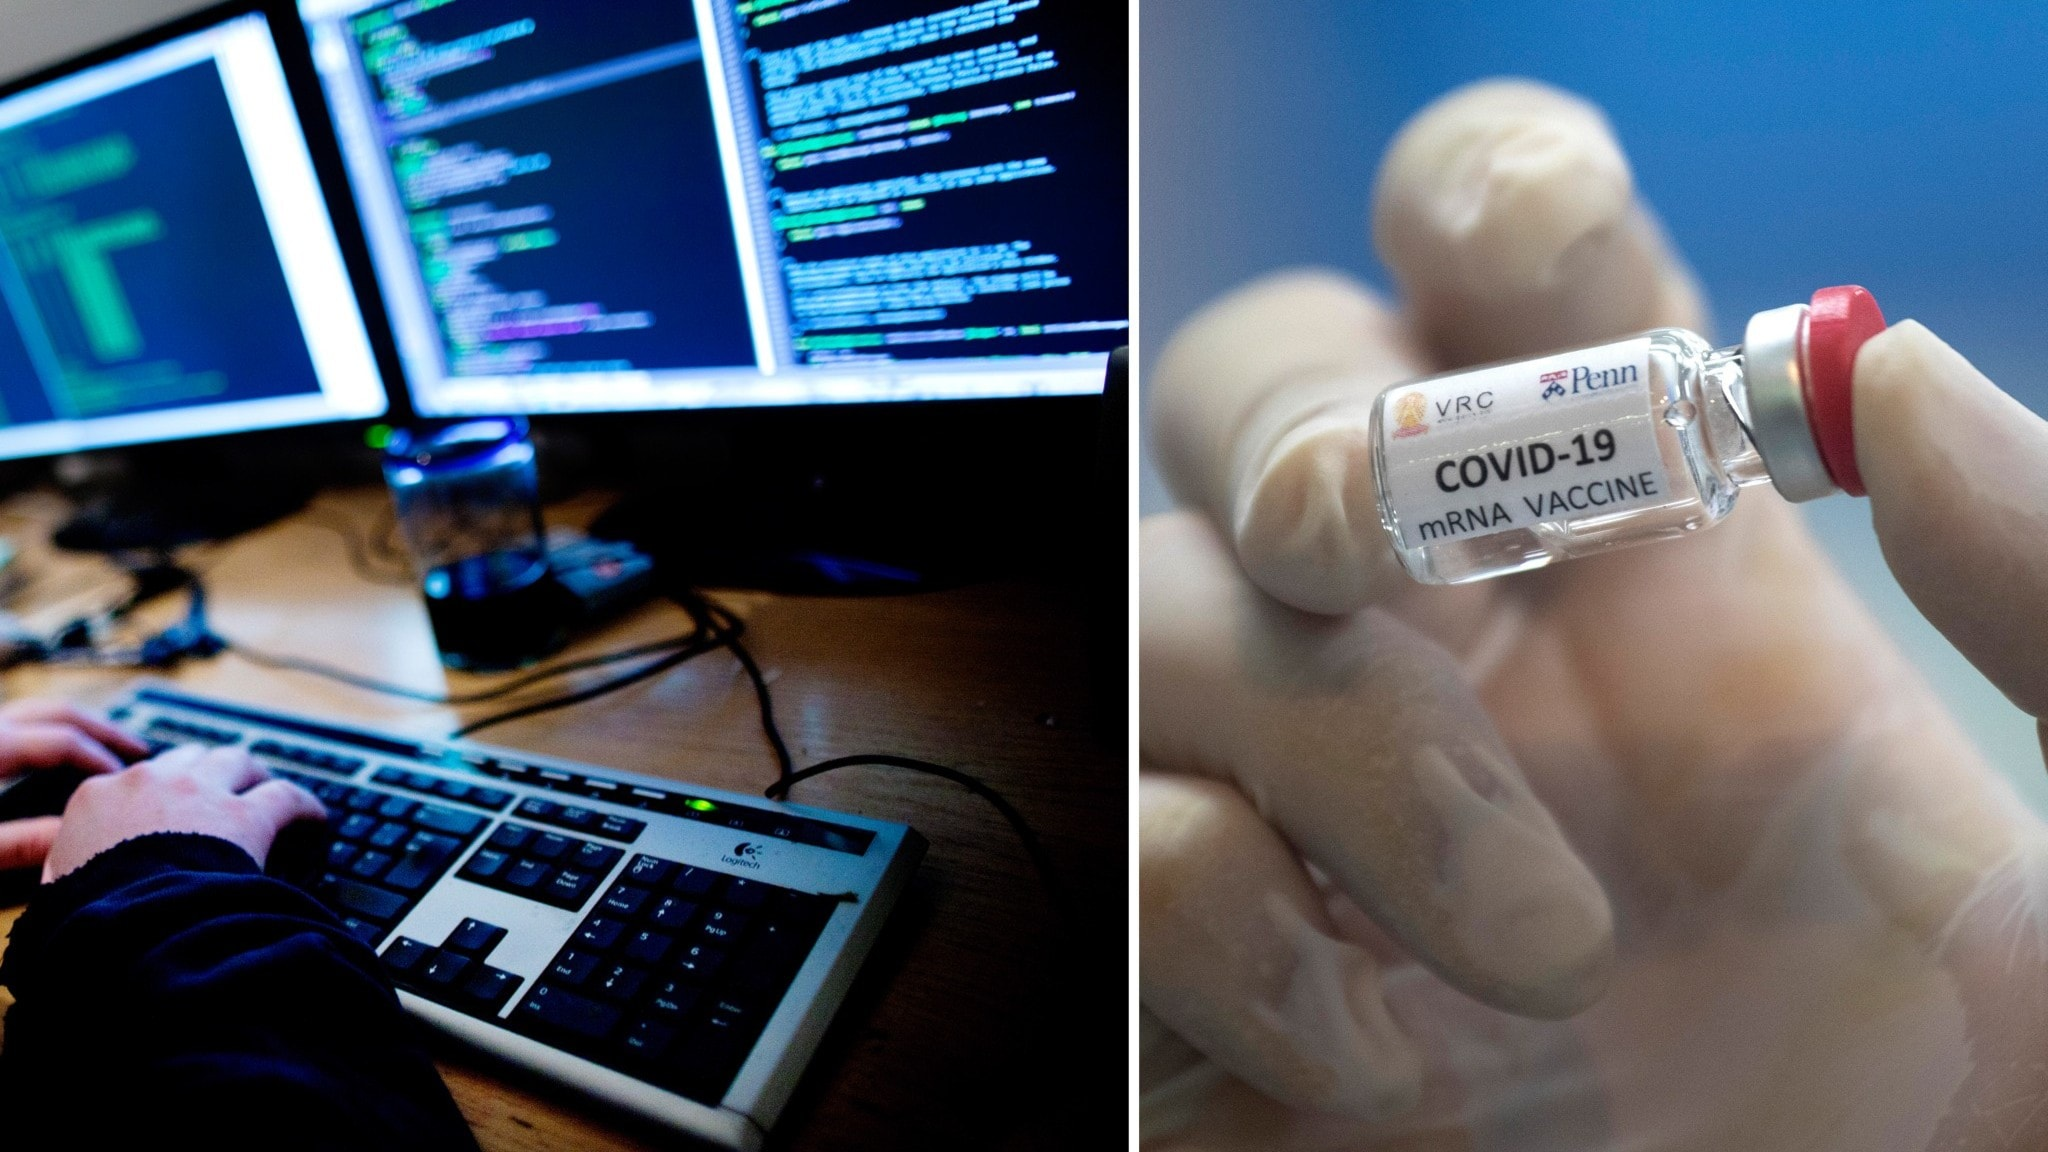 Ryssland förnekar hackerattack – presenterar eget vaccin